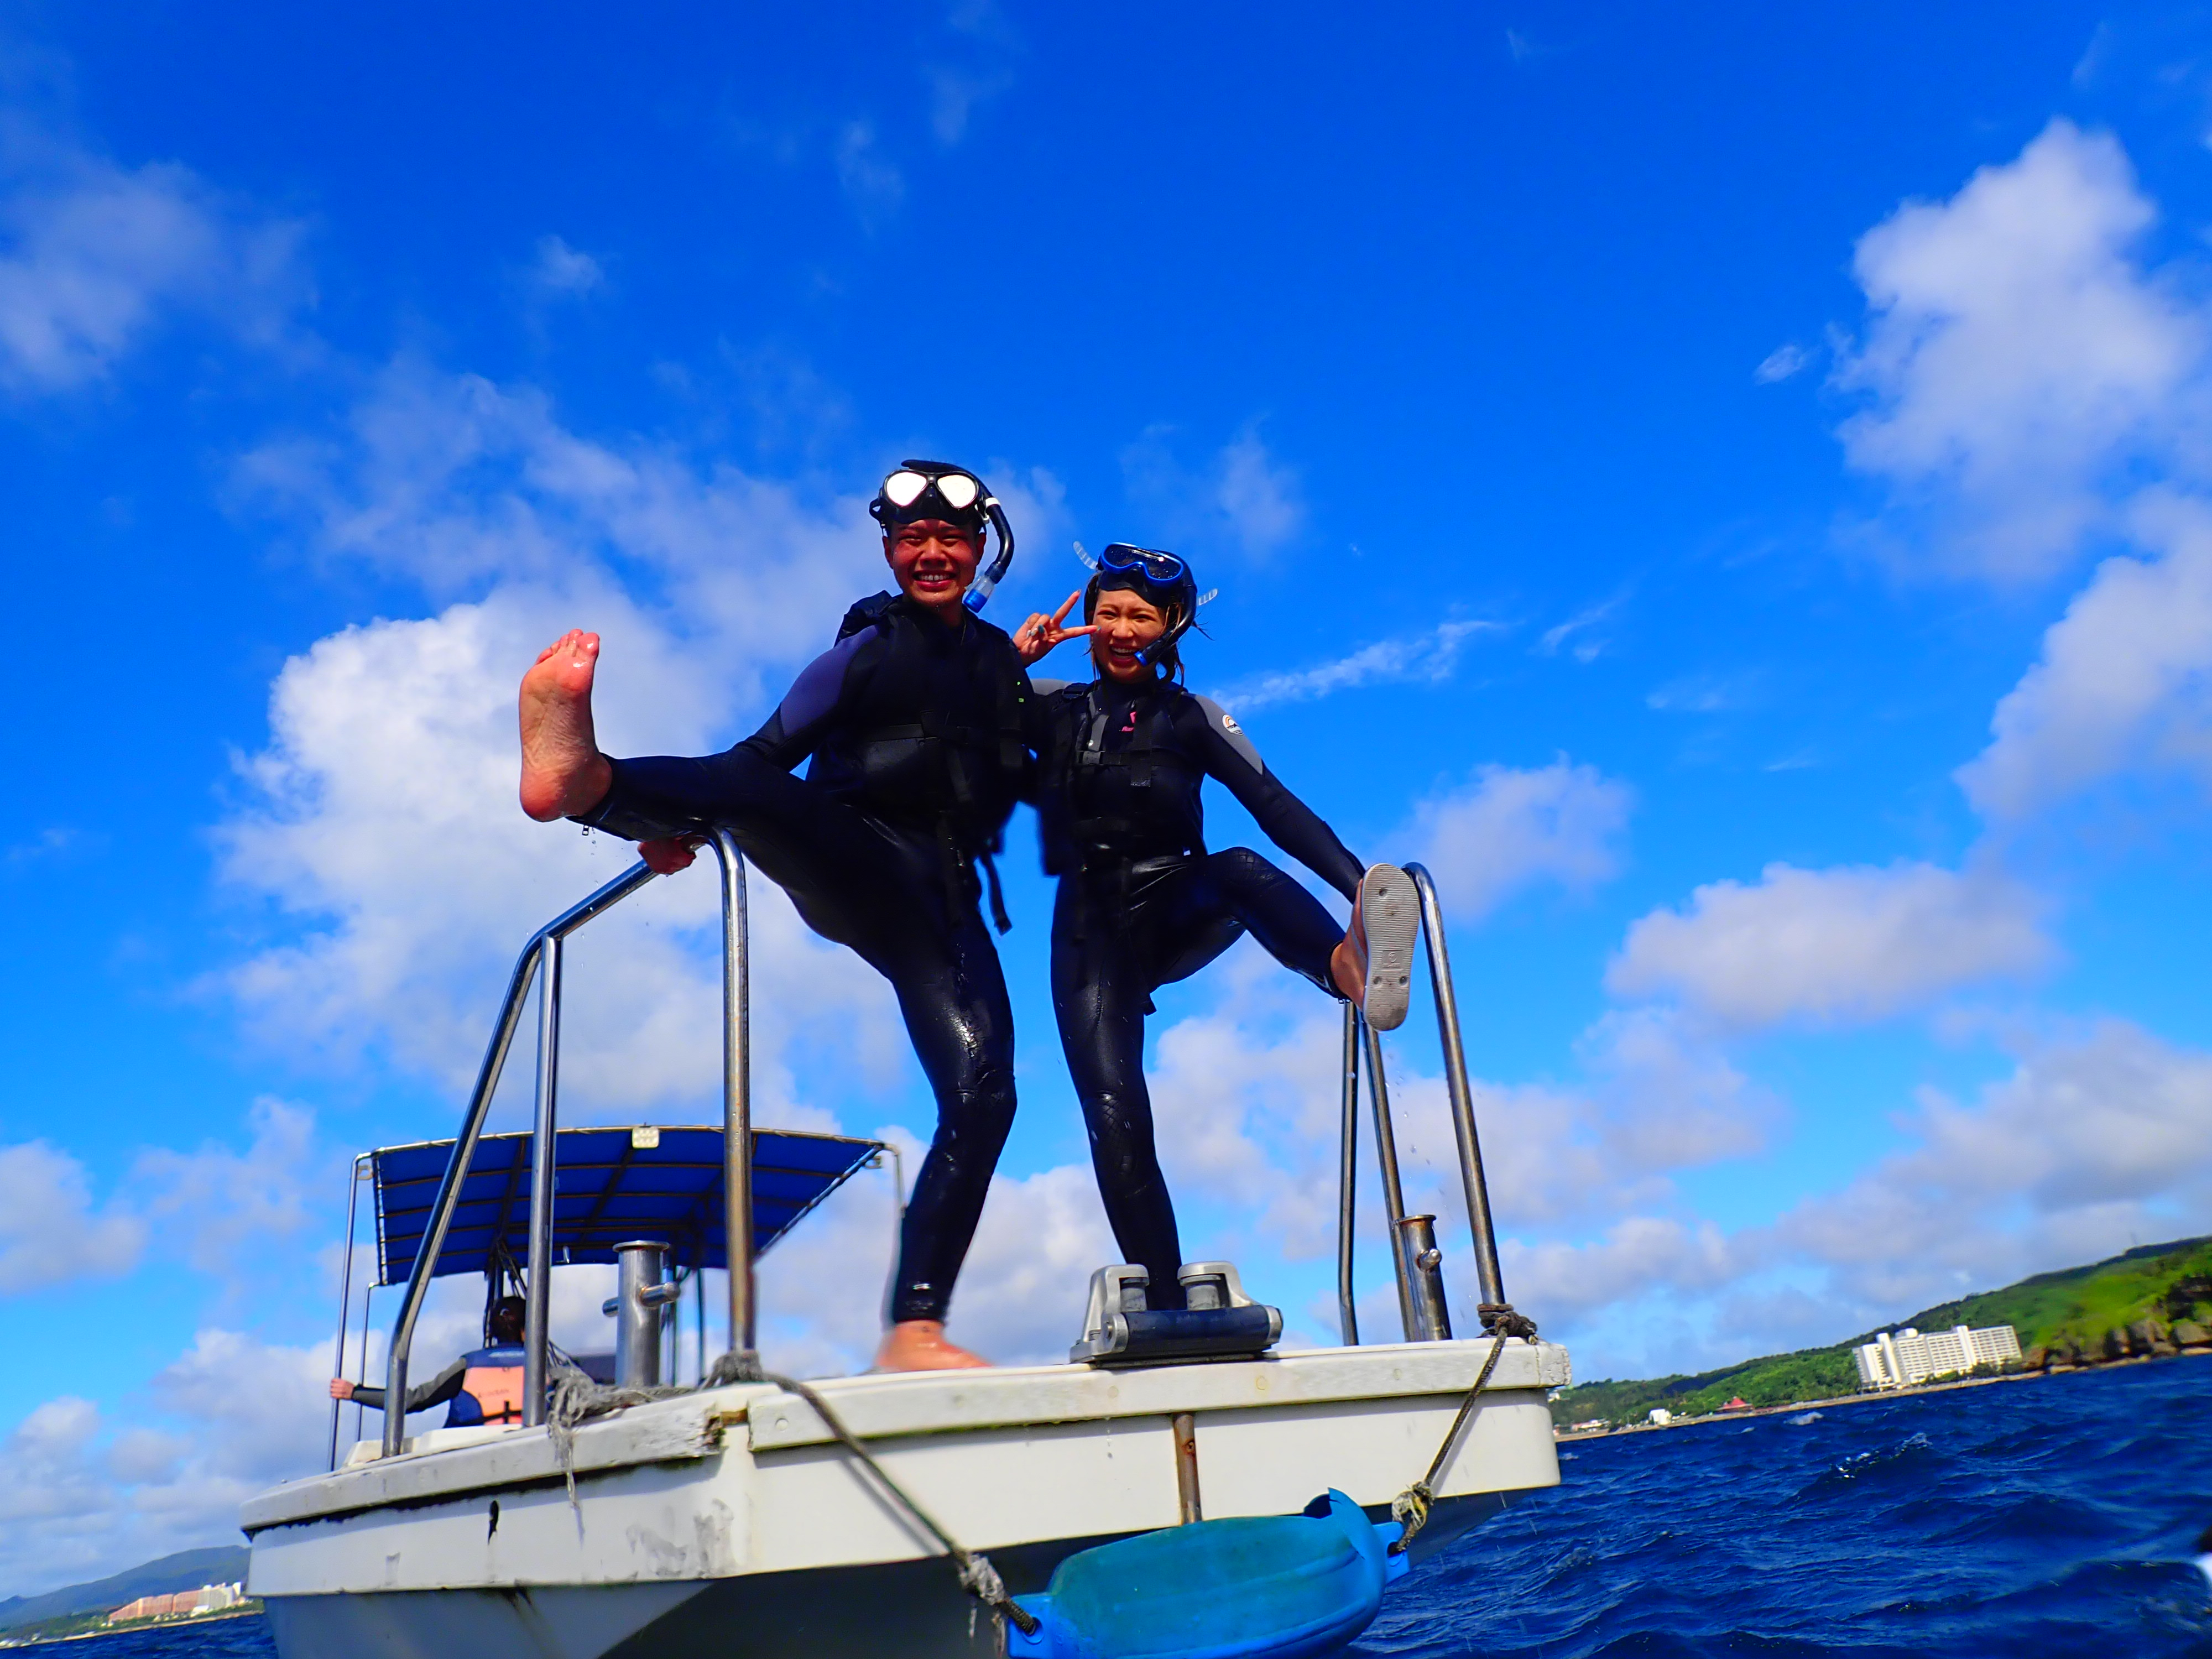 体験ダイビング前に船の上でポーズを撮るカップル